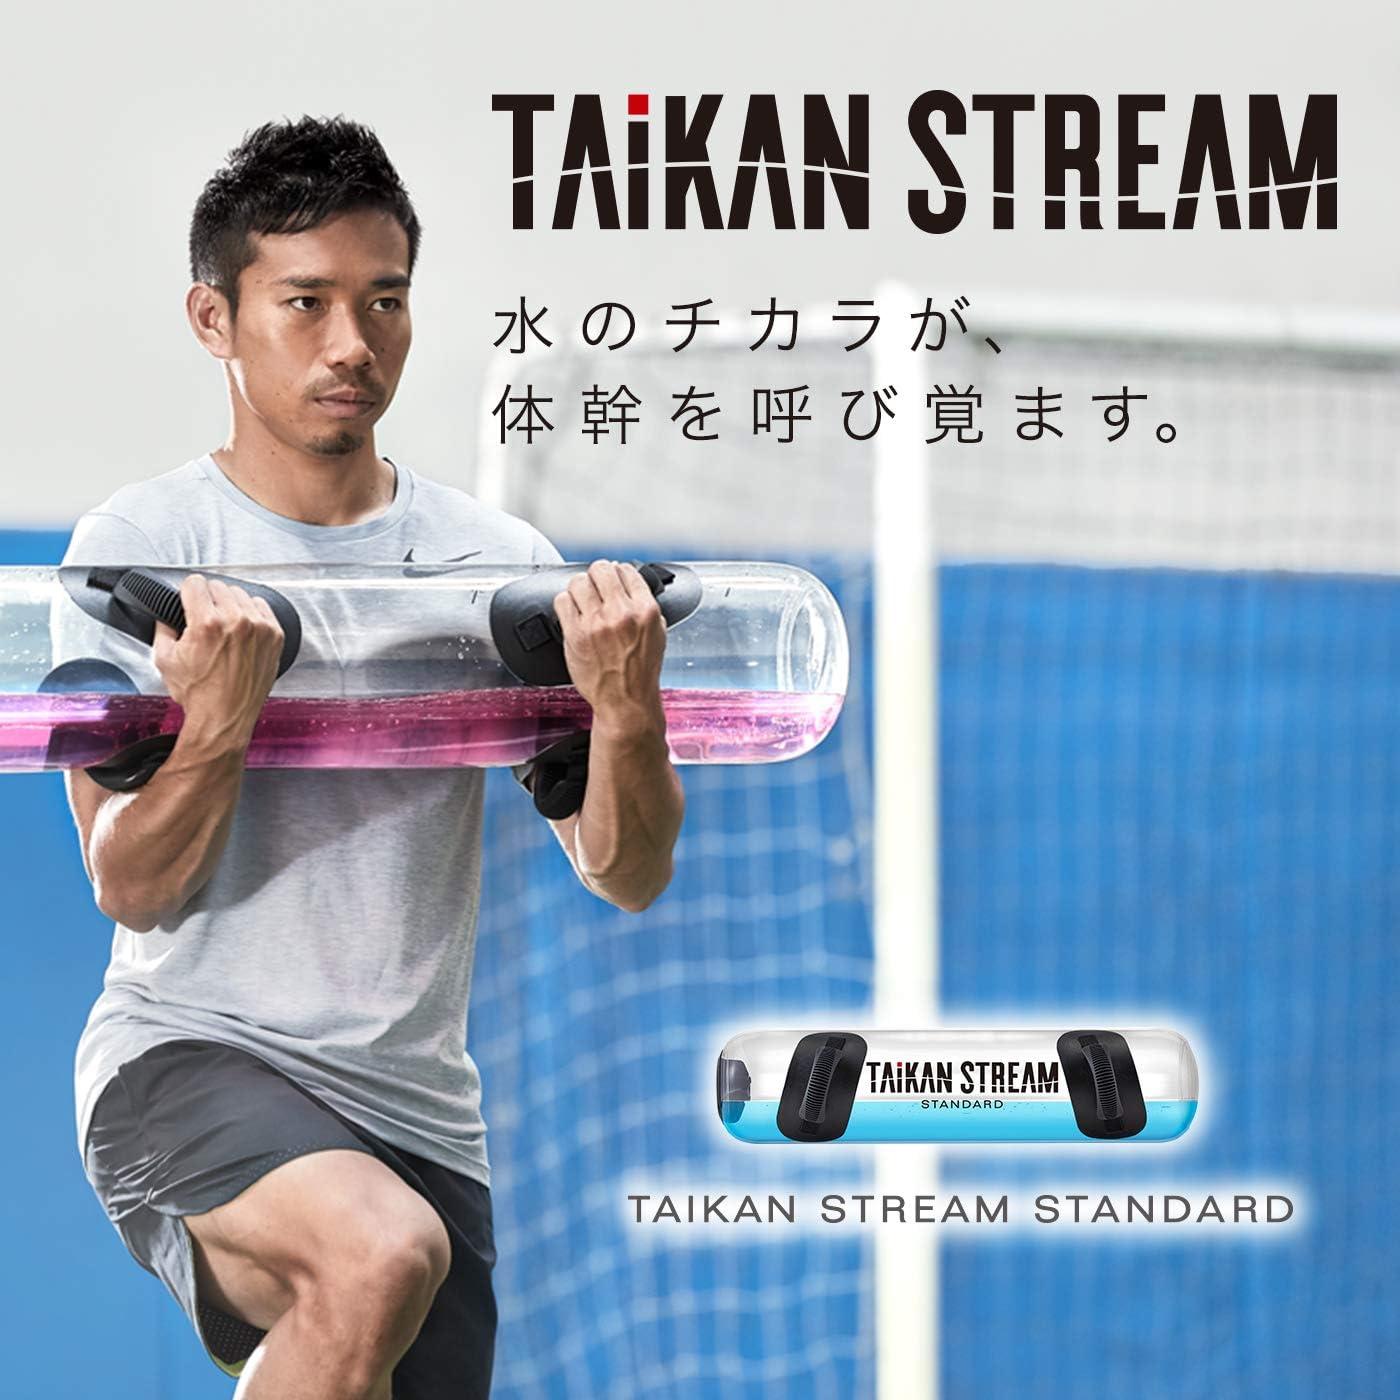 MTG 体幹トレーニングギア TAIKAN STREAM(タイカン ストリーム)スタンダード(全長:約680mm / 推奨水量:3~5リットル)【メーカー純正品】